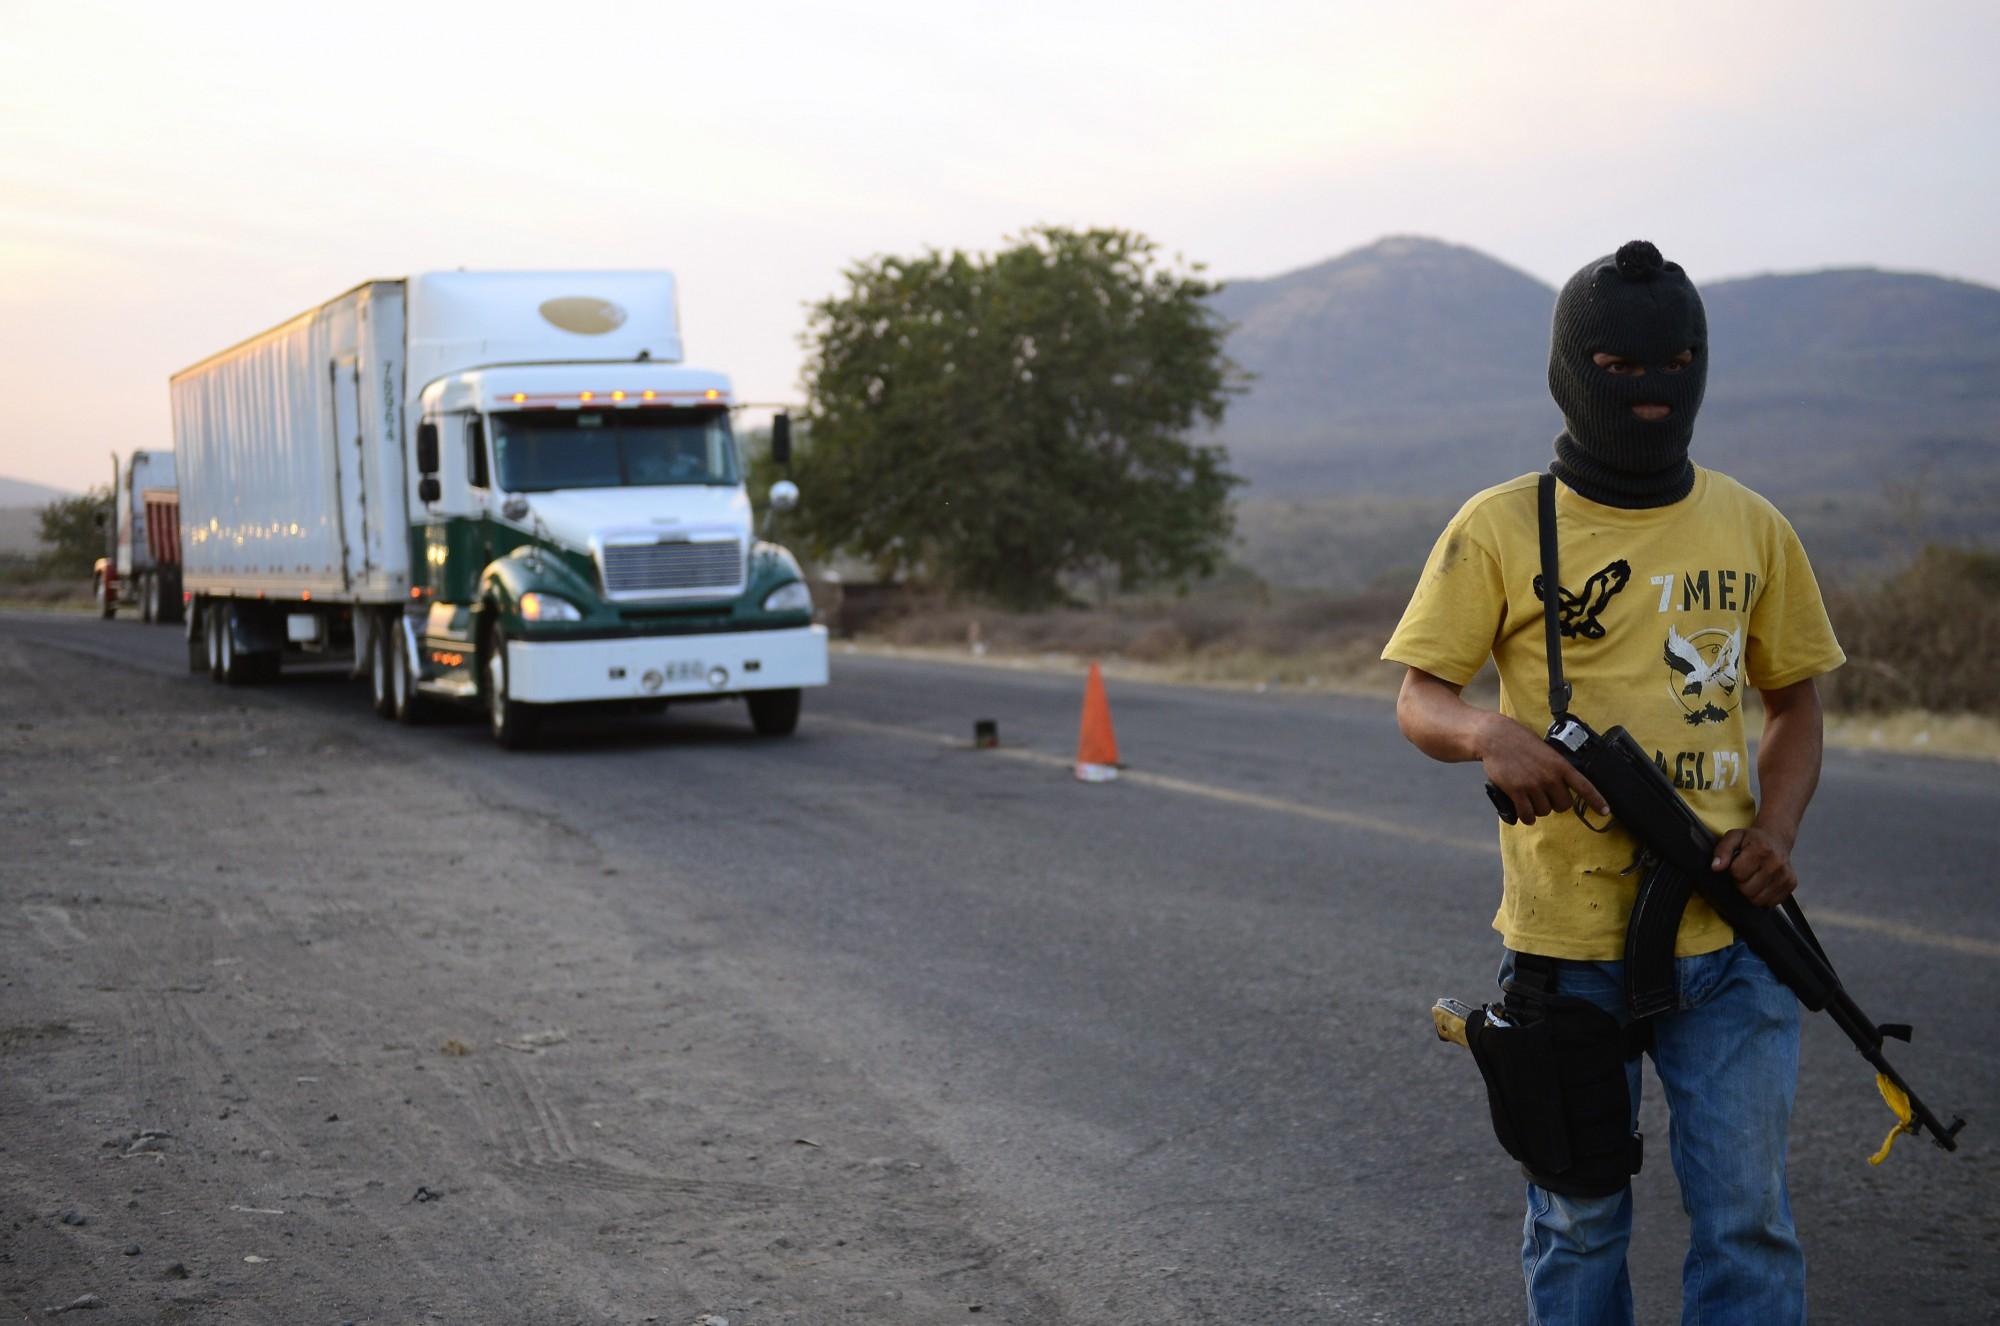 Un miembro de un grupo de autodefensa patrulla una carretera entre Tepalcatepec y Apatzingán, en el estado de Michoacán. Grupos de civiles tomaron las armas en 2014 en respuesta a la violencia causada por los cárteles de la droga. (Crédito: Alfredo Estrella/AFP/Getty Images)